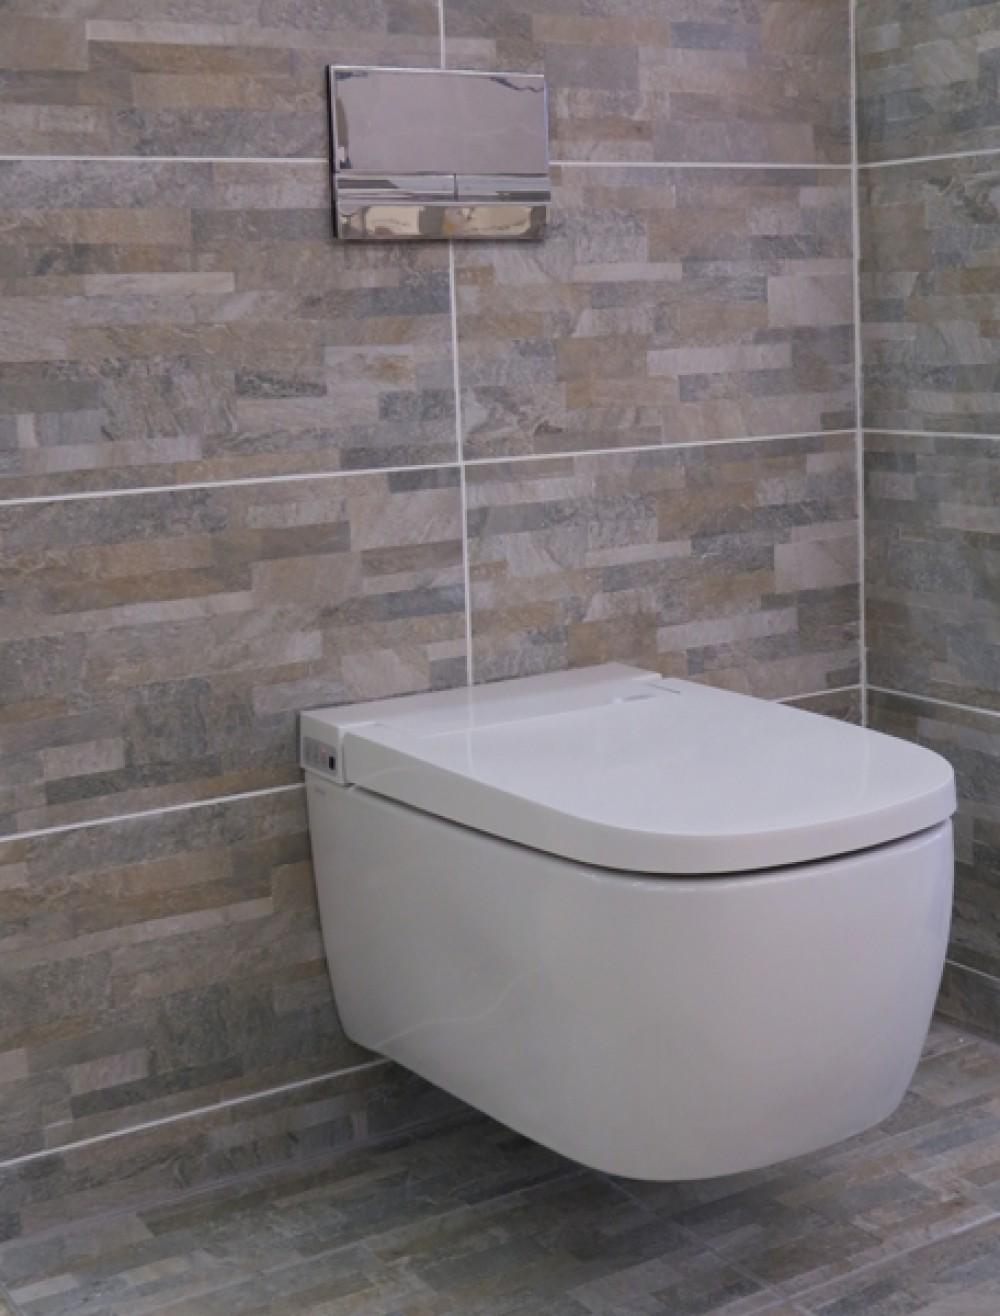 vitra v-care dusch wc kaufen deutschland